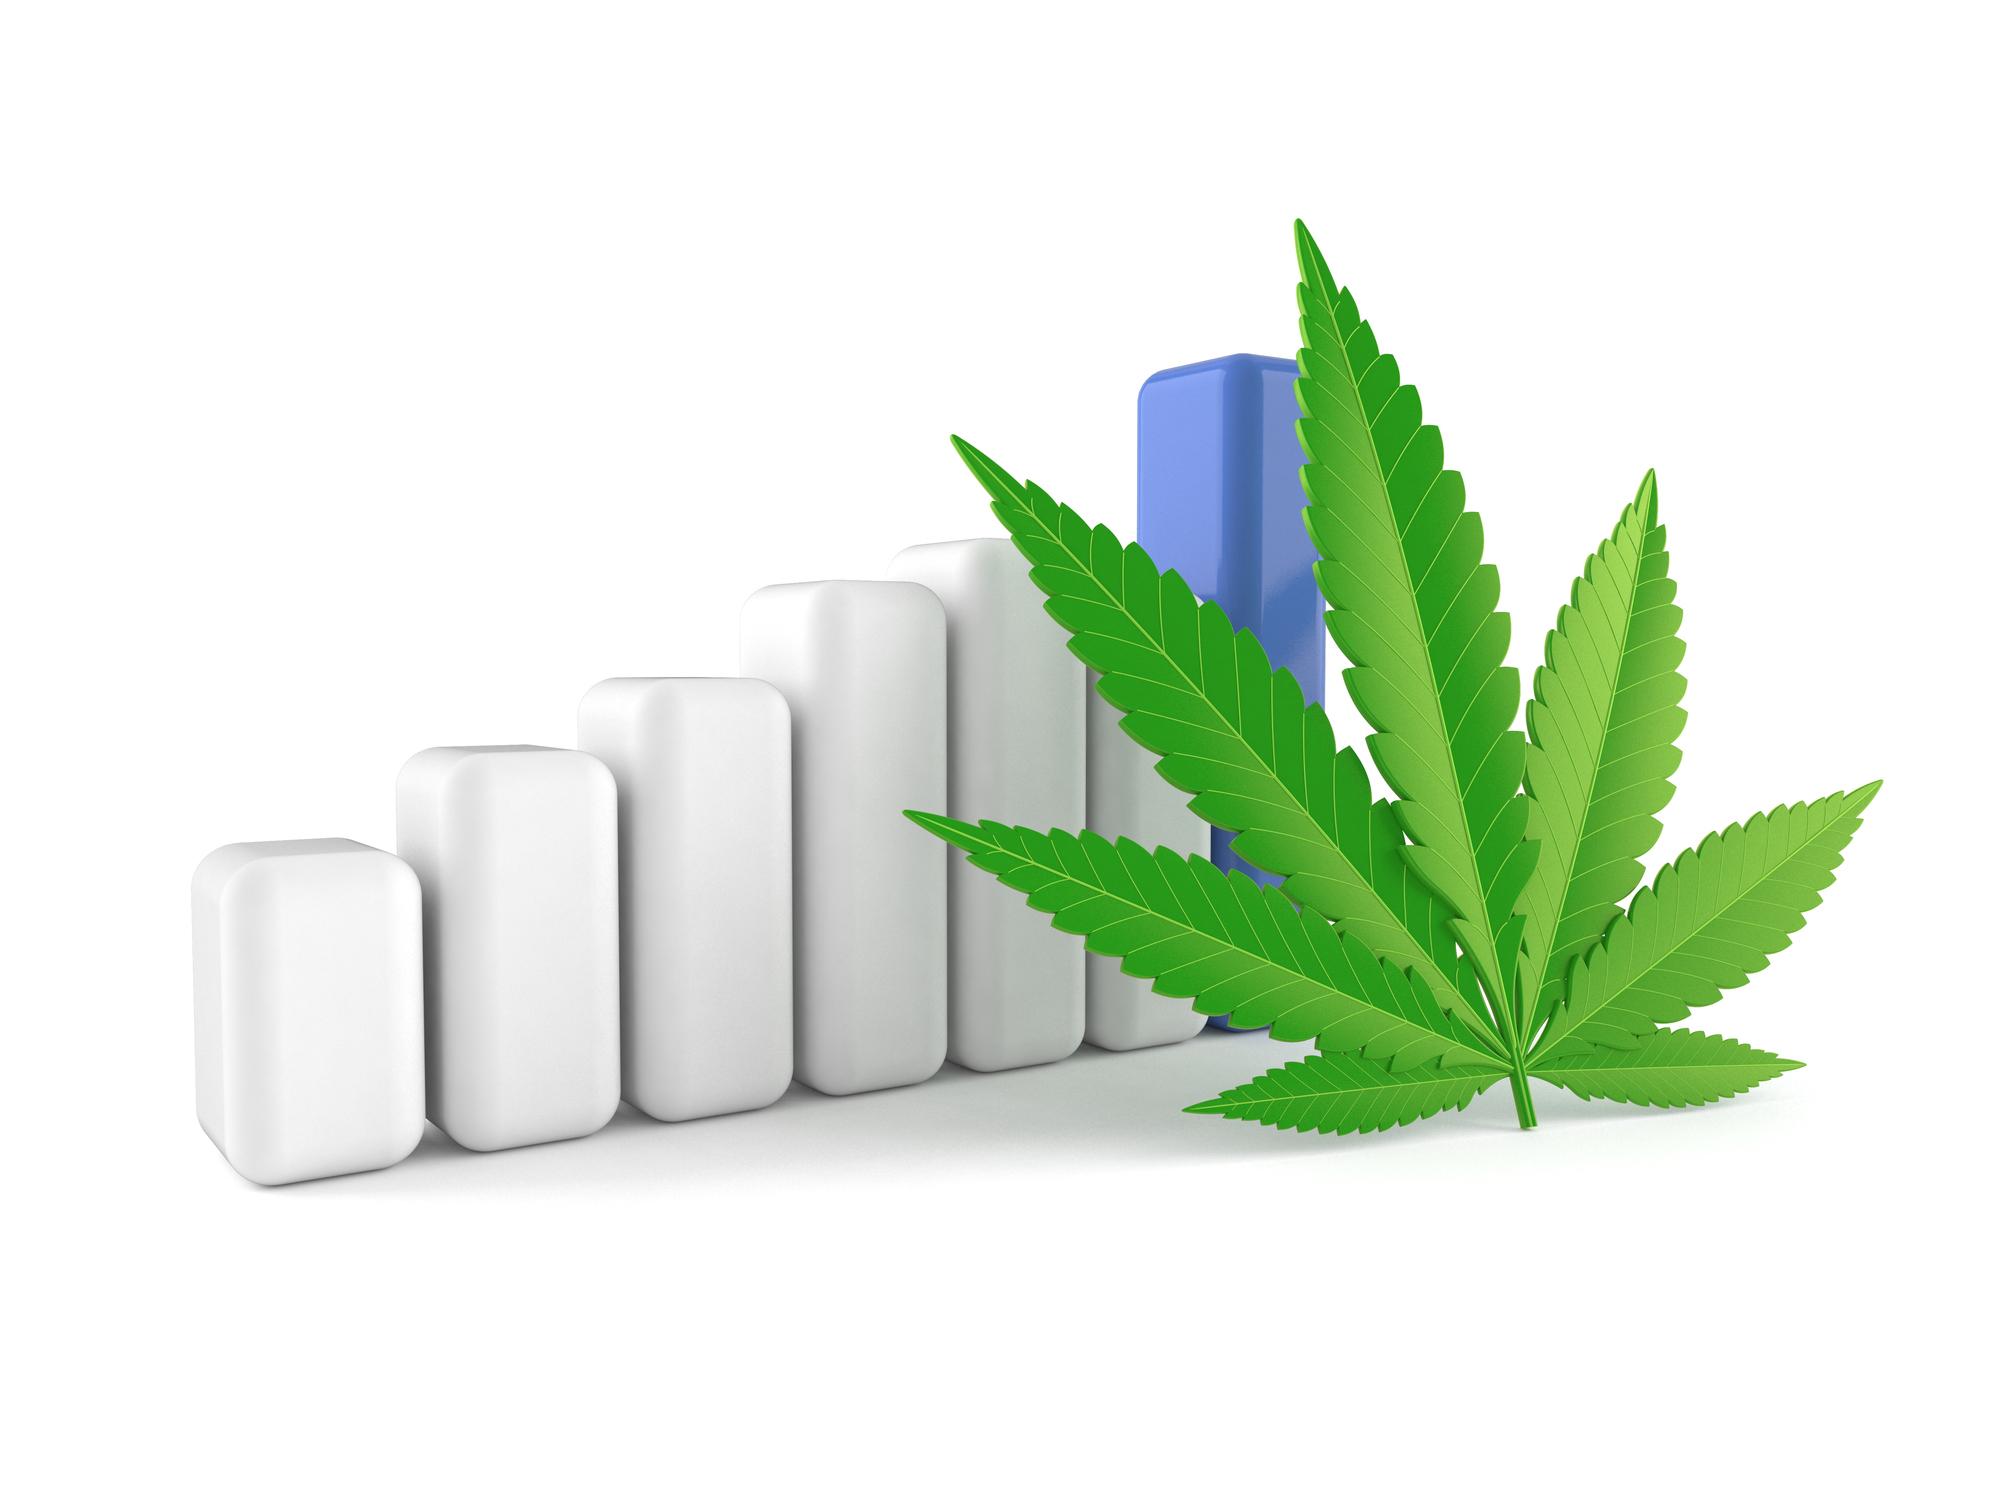 An ascending bar chart next to a marijuana leaf.